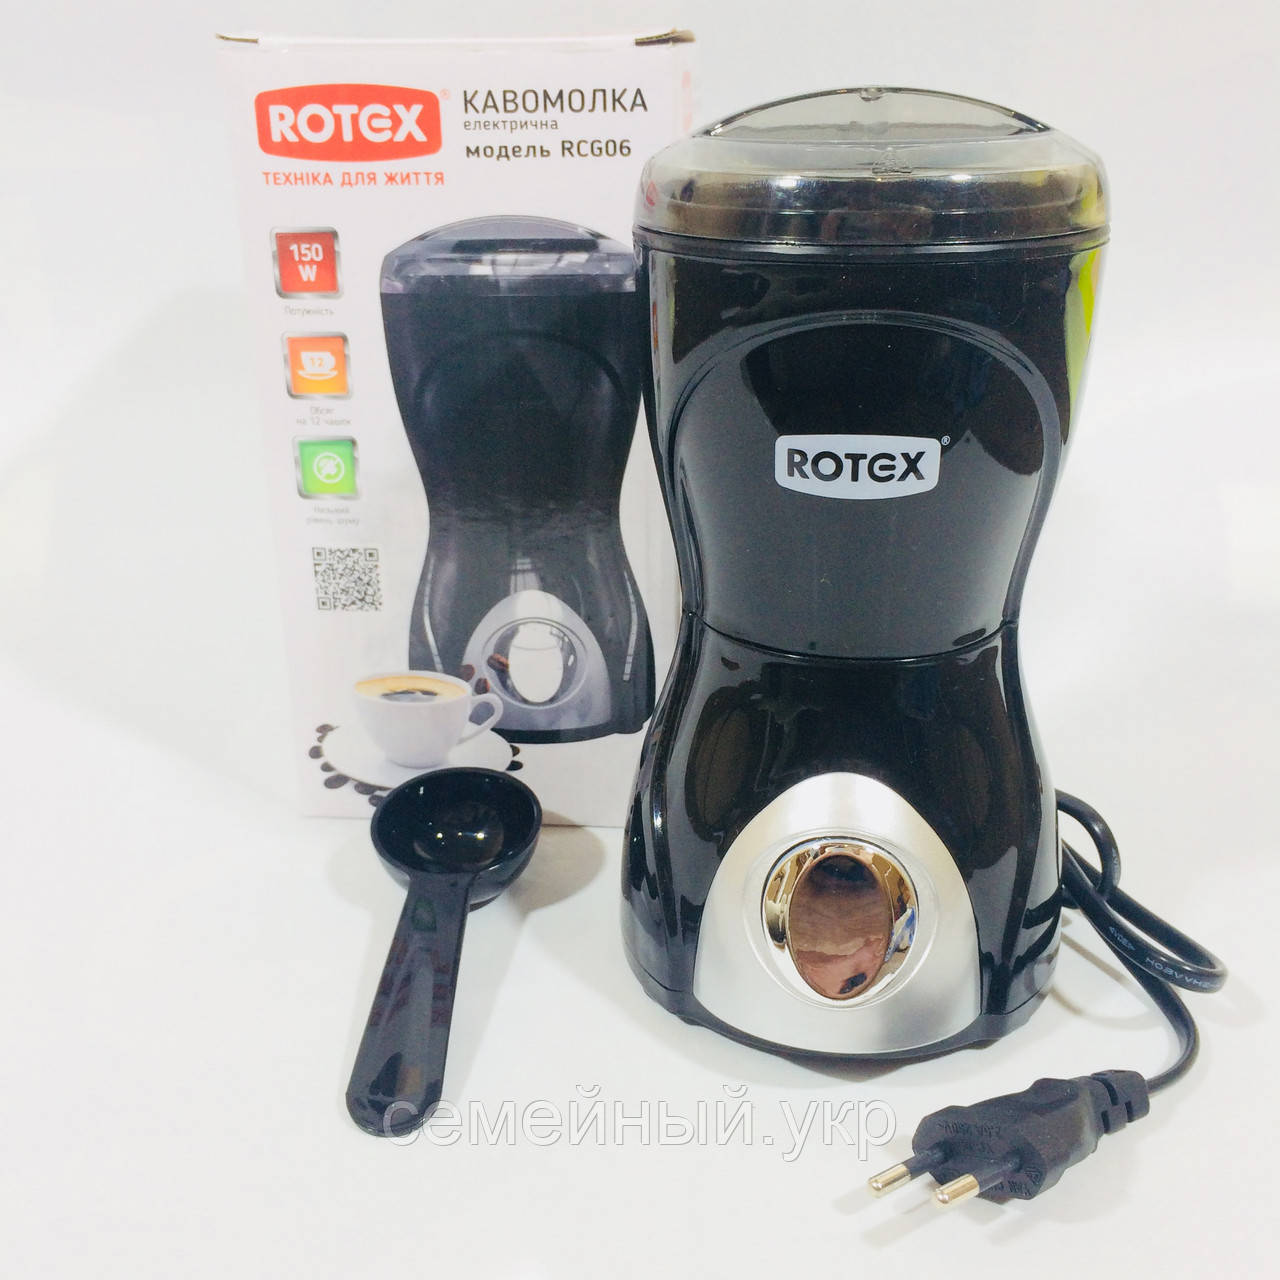 Кофемолка электрическая 150 w ROTEX RCG06